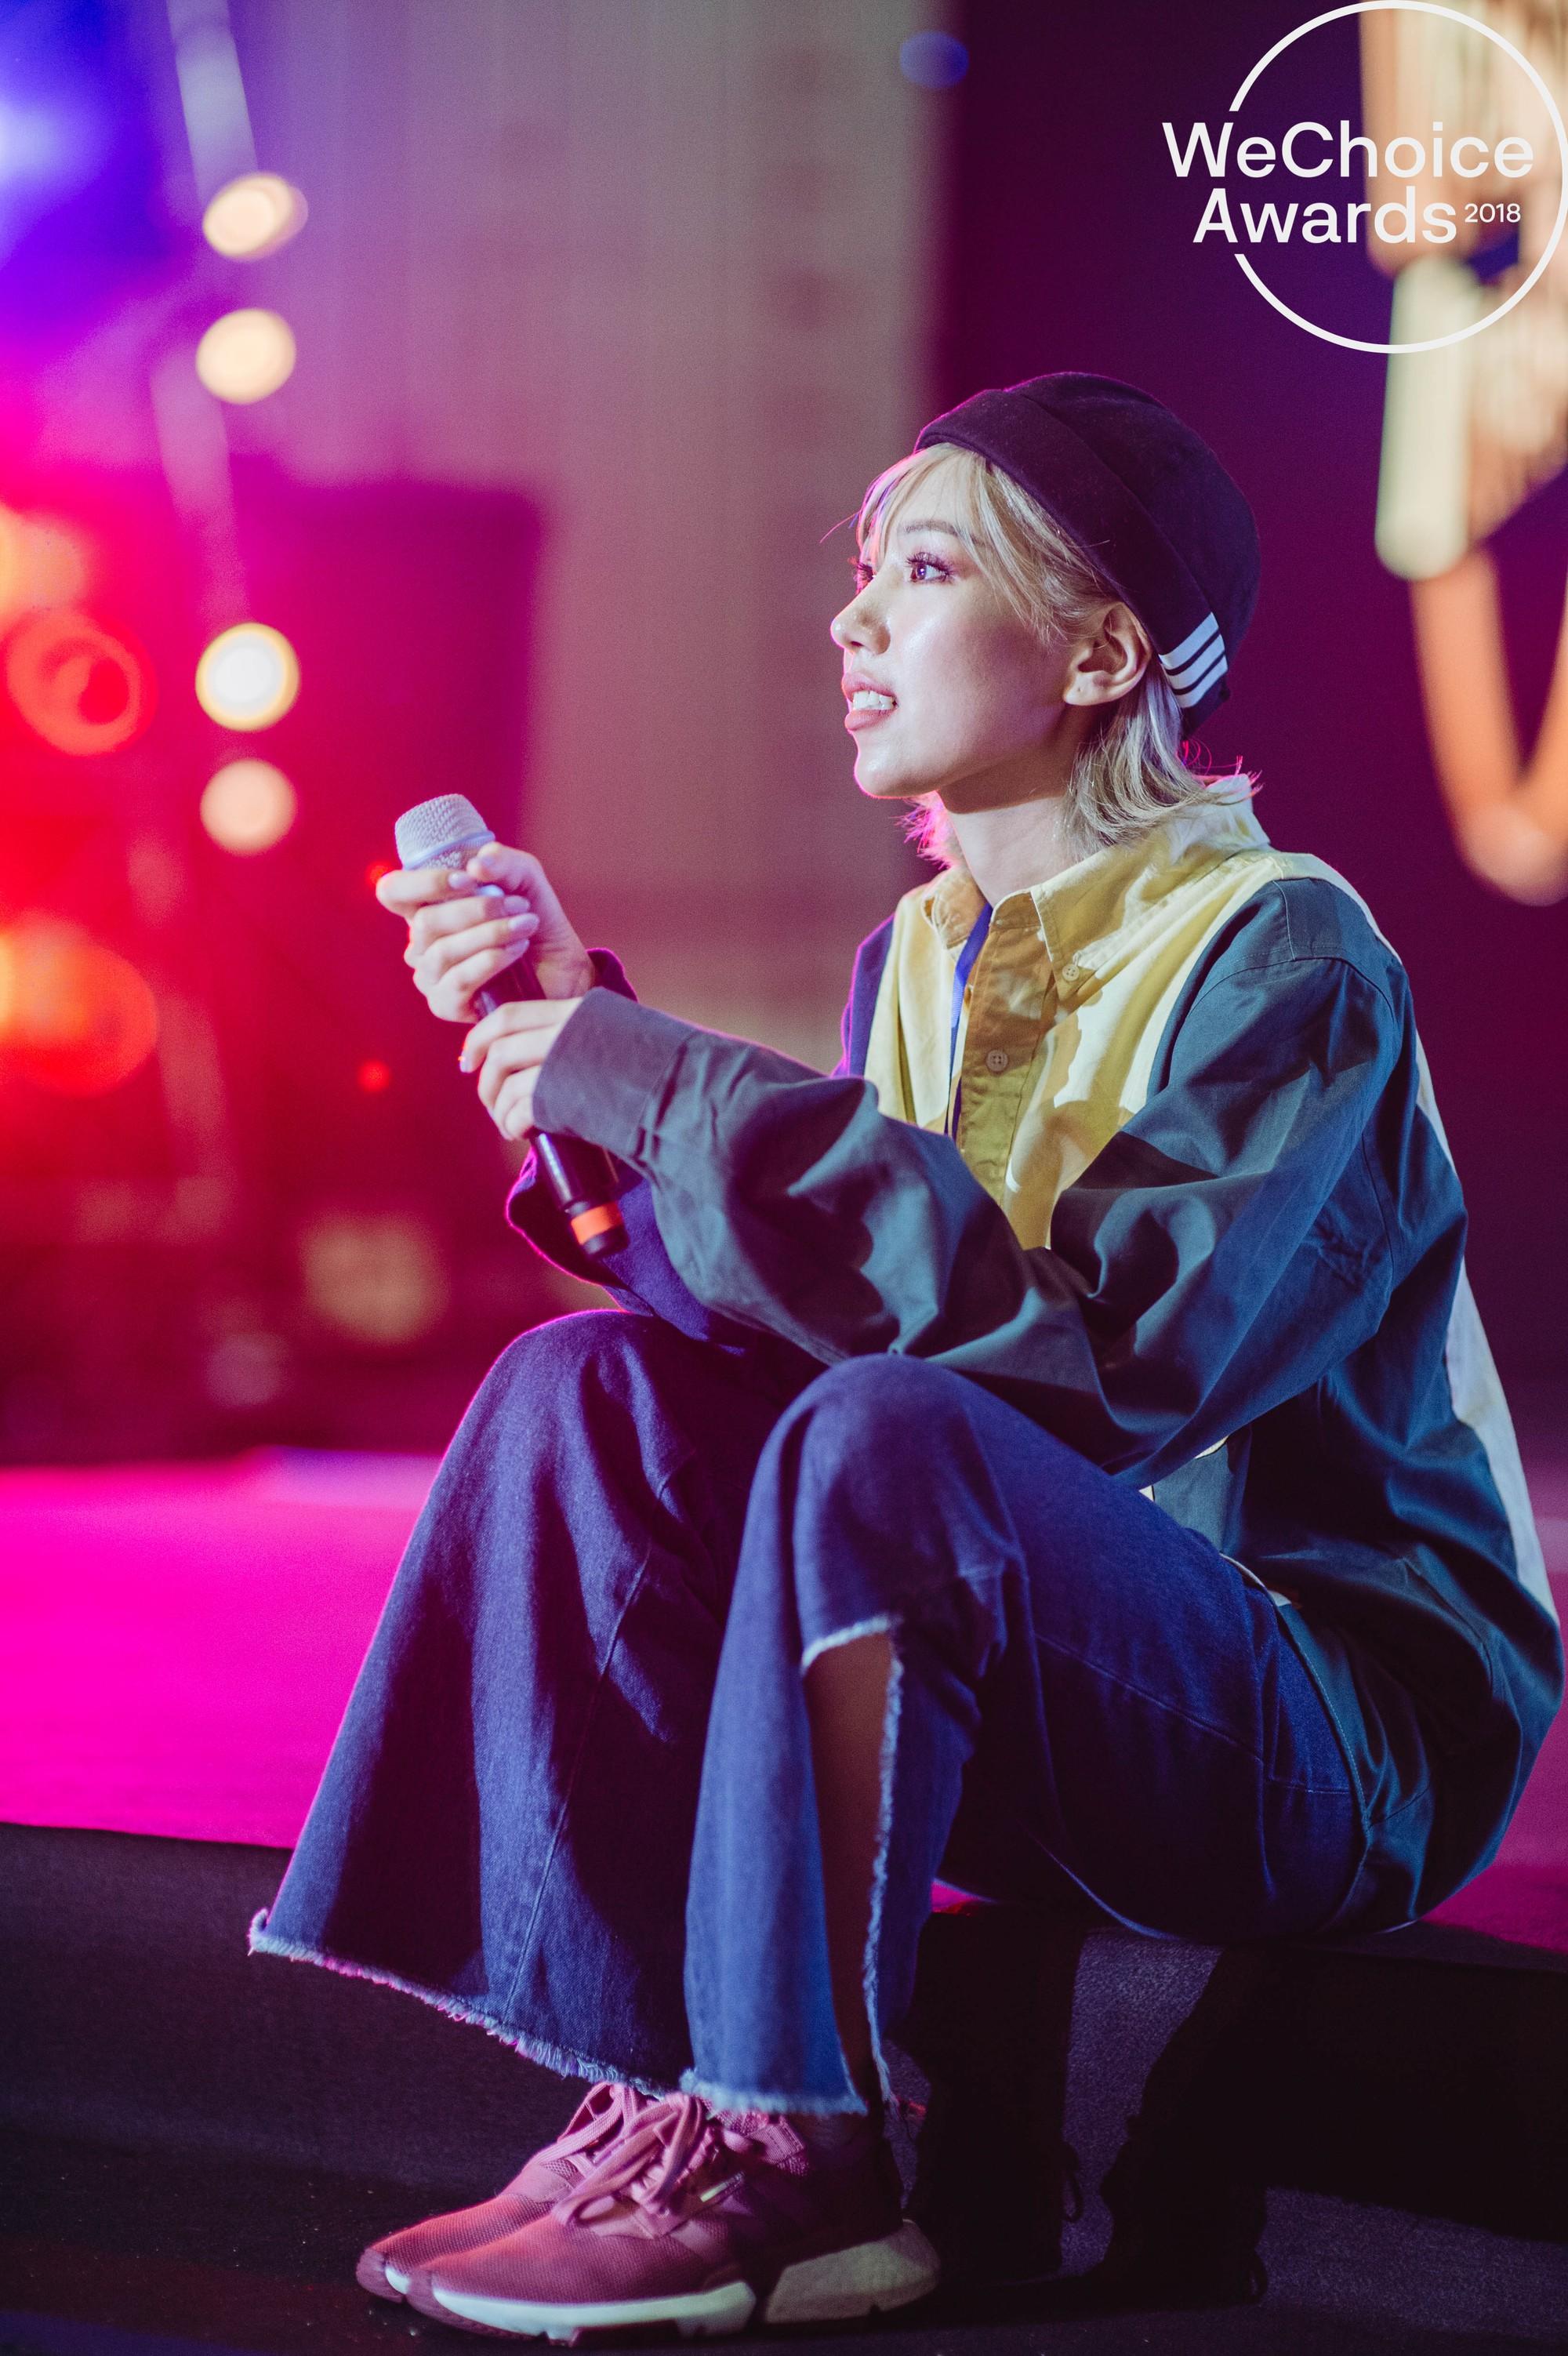 Trước giờ G, ngắm loạt khoảnh khắc đầy cảm xúc của dàn nghệ sĩ tại buổi tổng duyệt Gala Wechoice Awards 2018 - Ảnh 3.